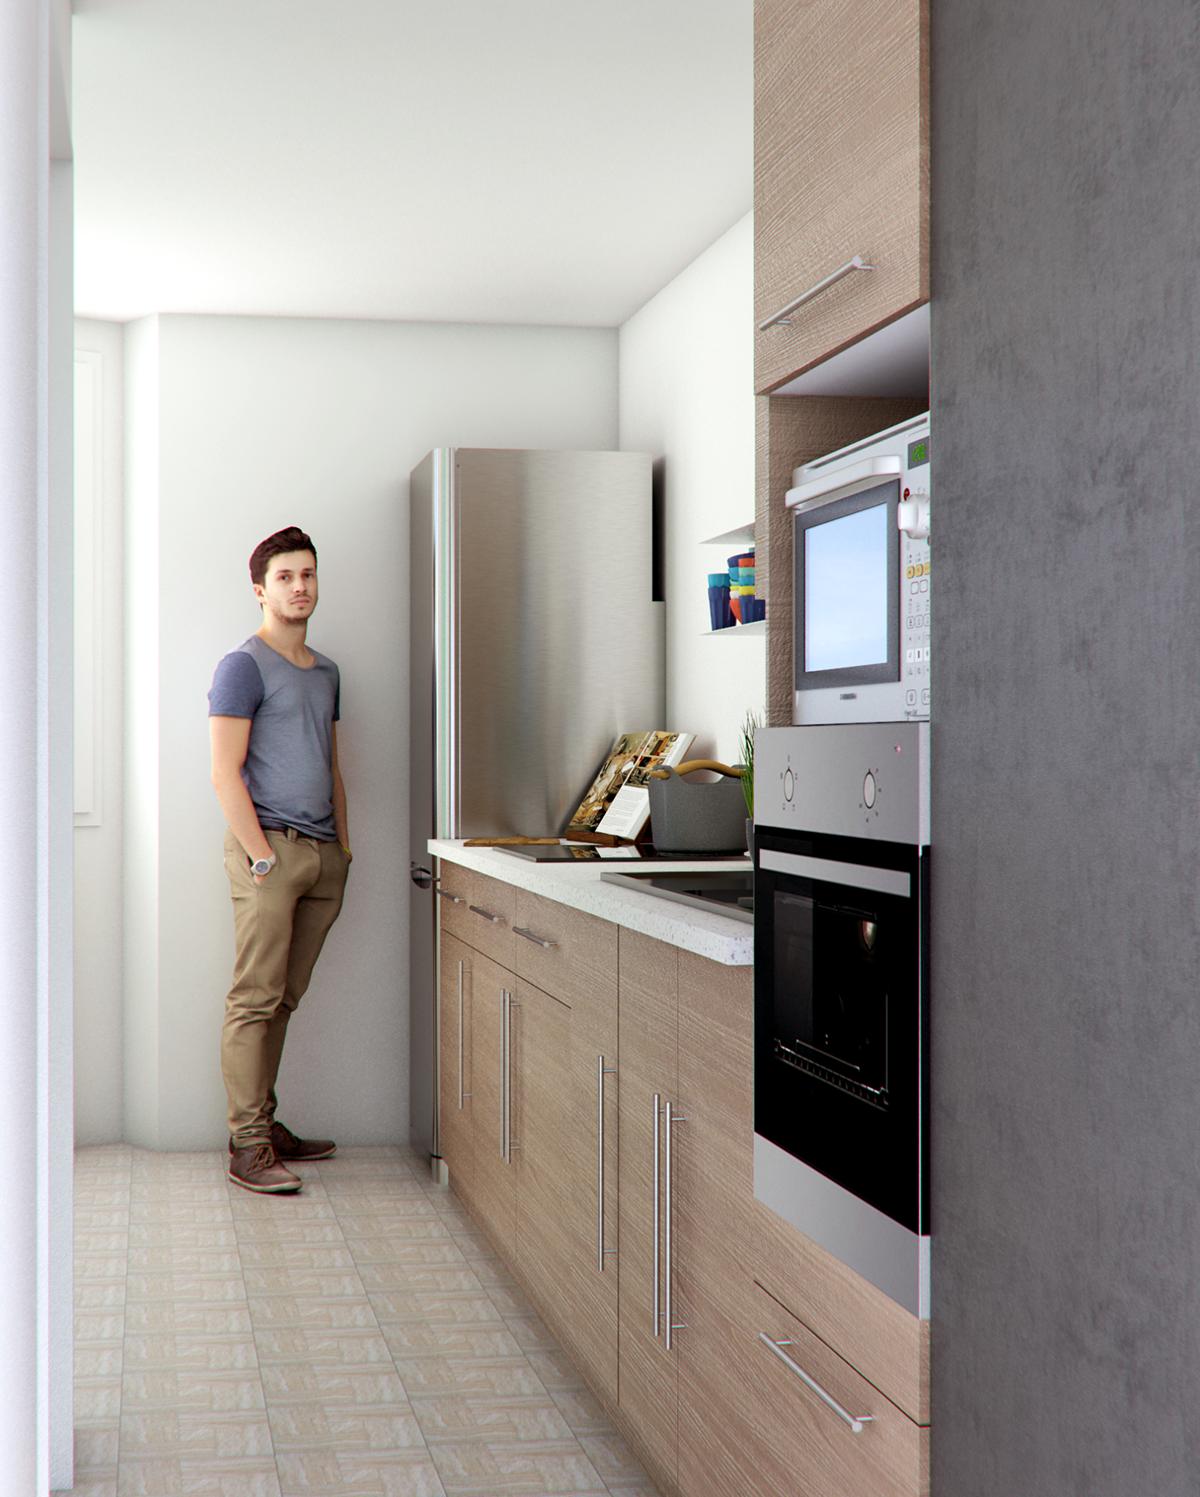 Ikea Kitchen Tingsryd: IKEA On Behance